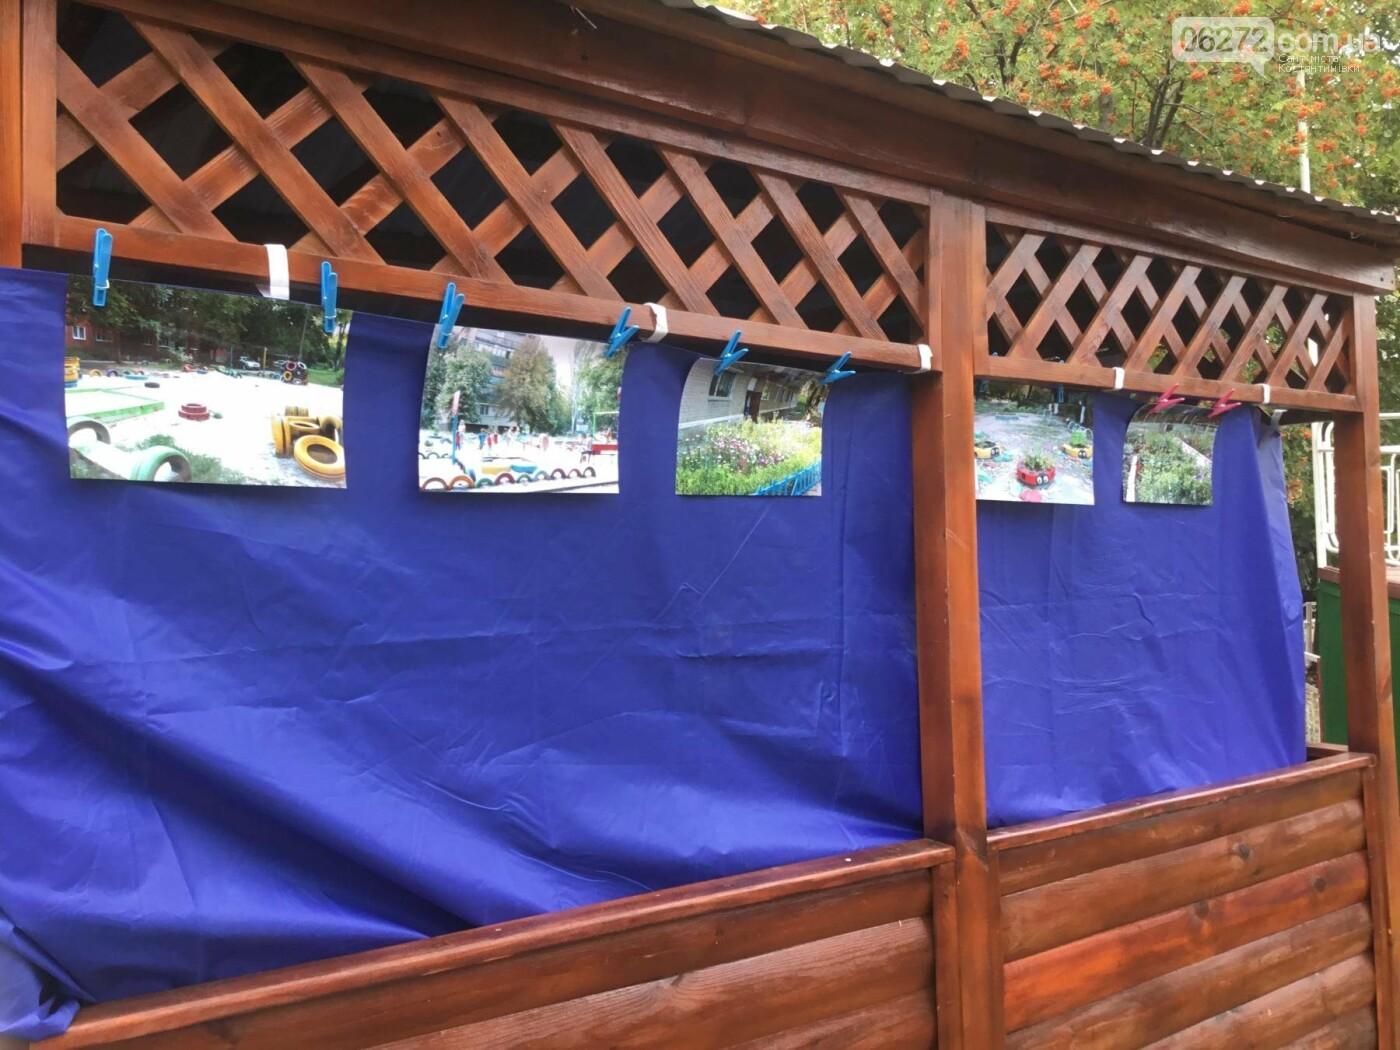 Вчора у Костянтинівці провели міський конкурс «Арт-подвір'я», фото-7